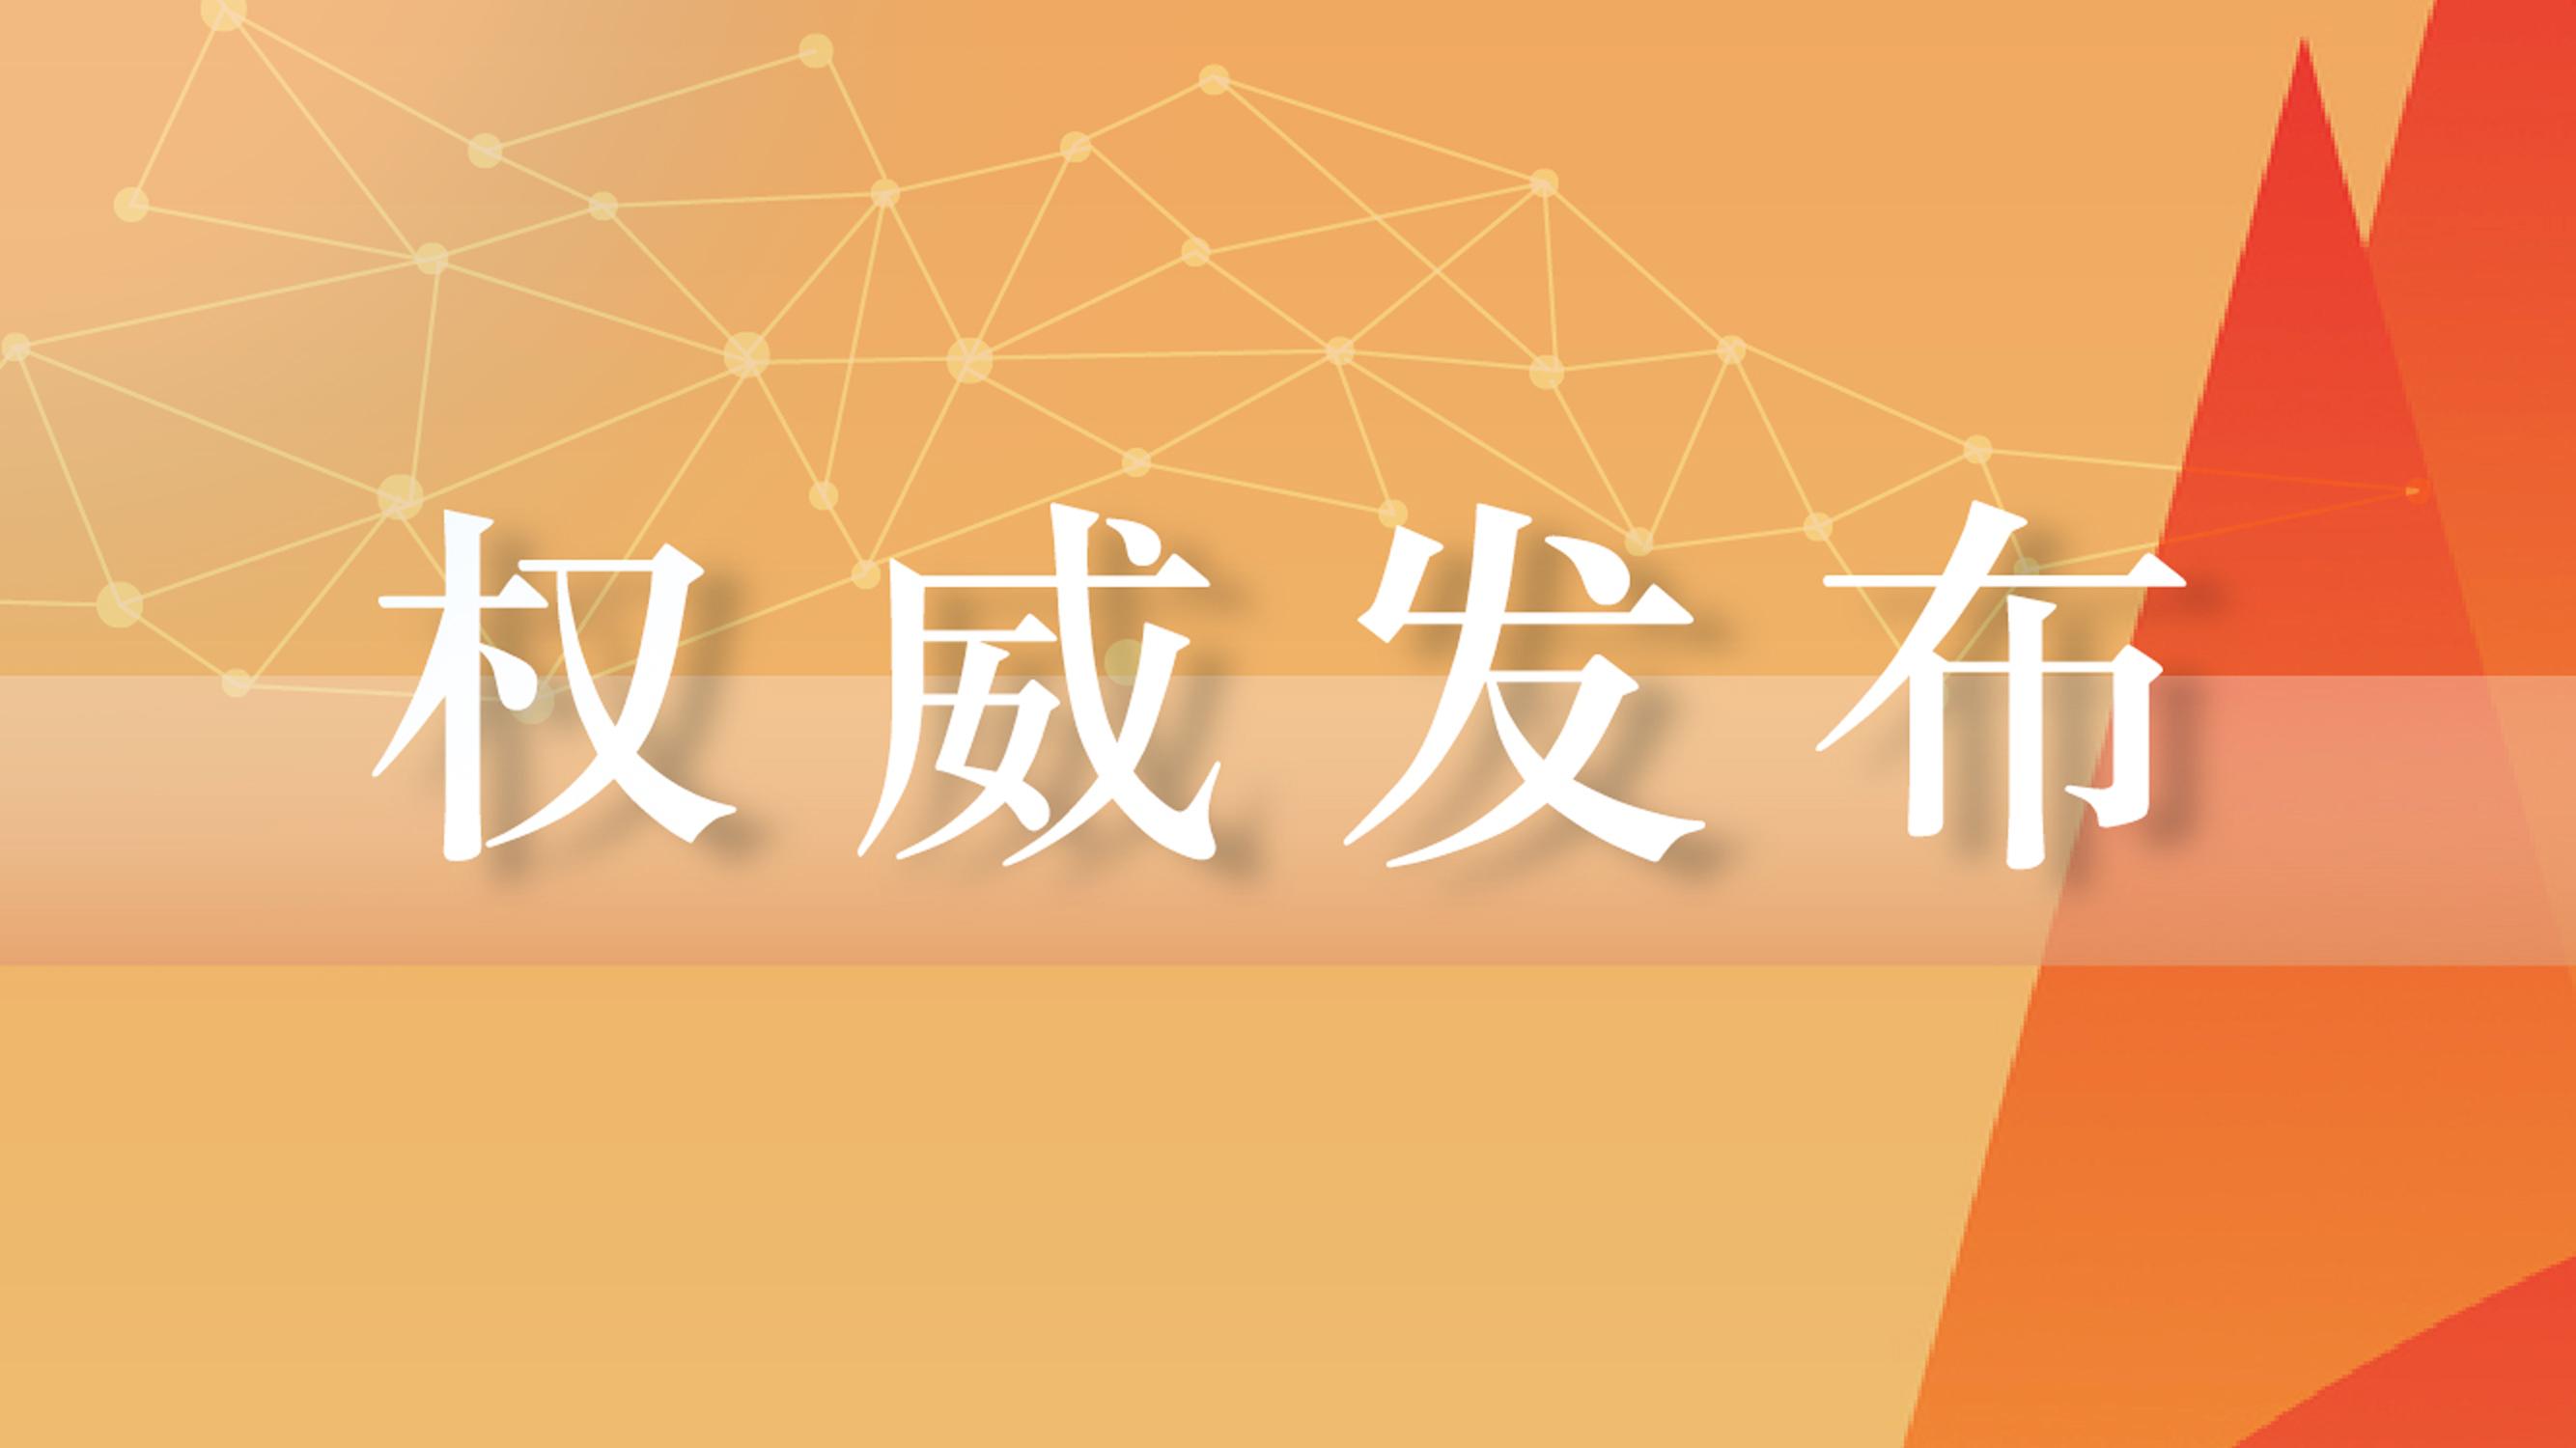 安岳县人大常委会党组成员、副主任刘正华 接受纪律审查和监察调查